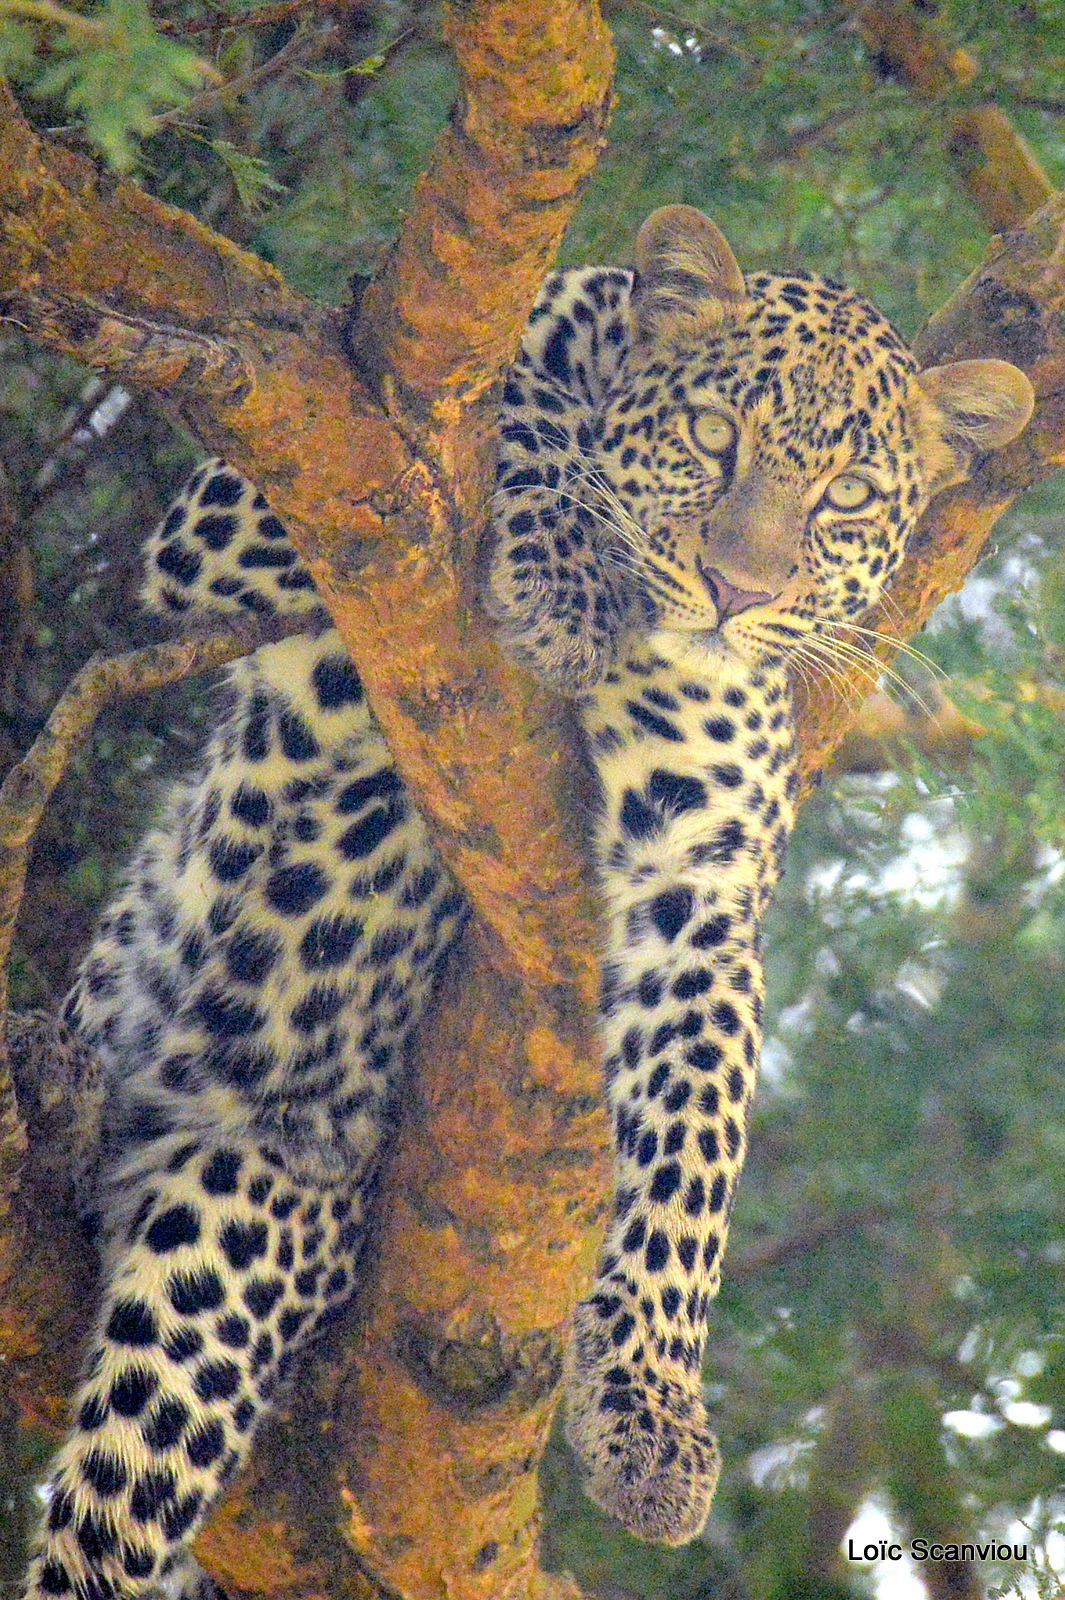 Léopard dans un arbre/Leopard on a tree (3)